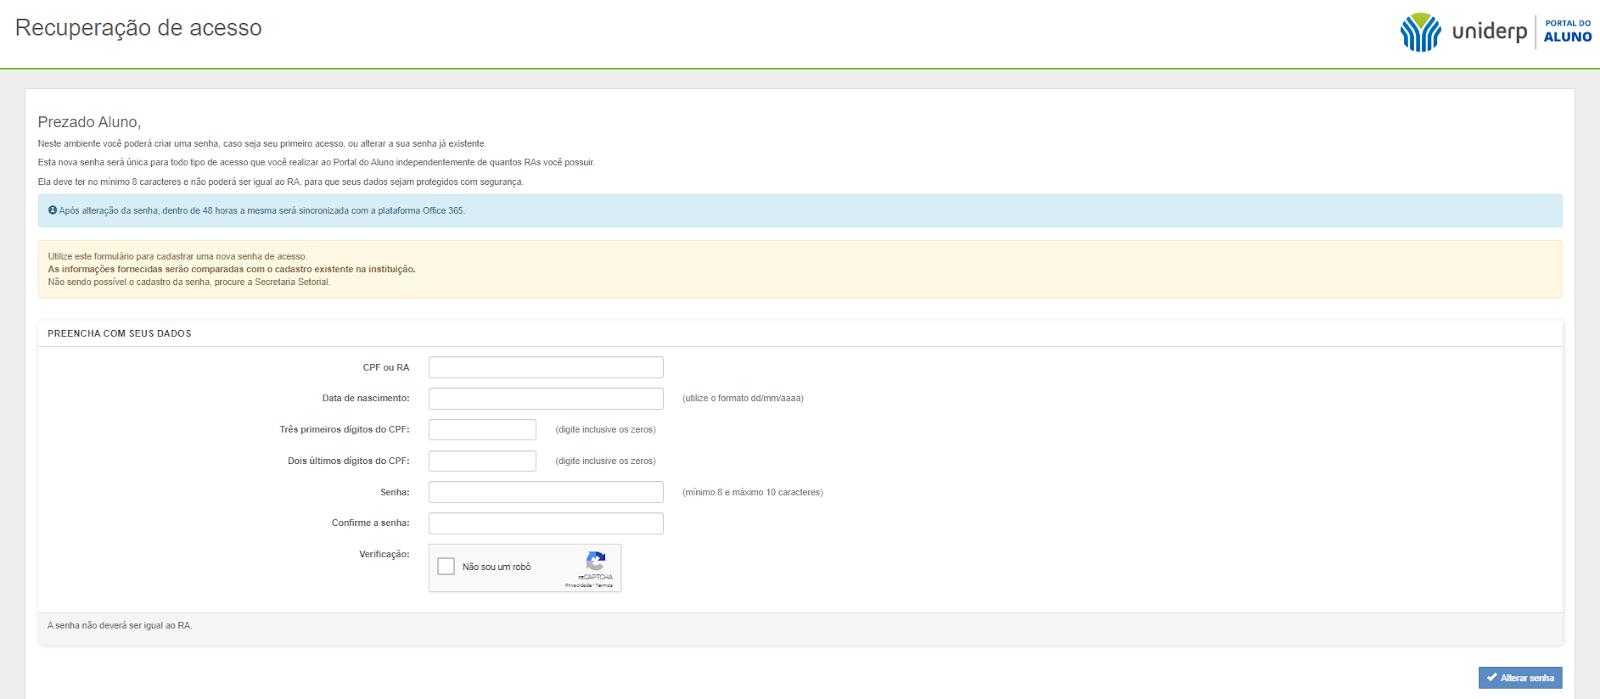 primeiro acesso portal do aluno uniderp